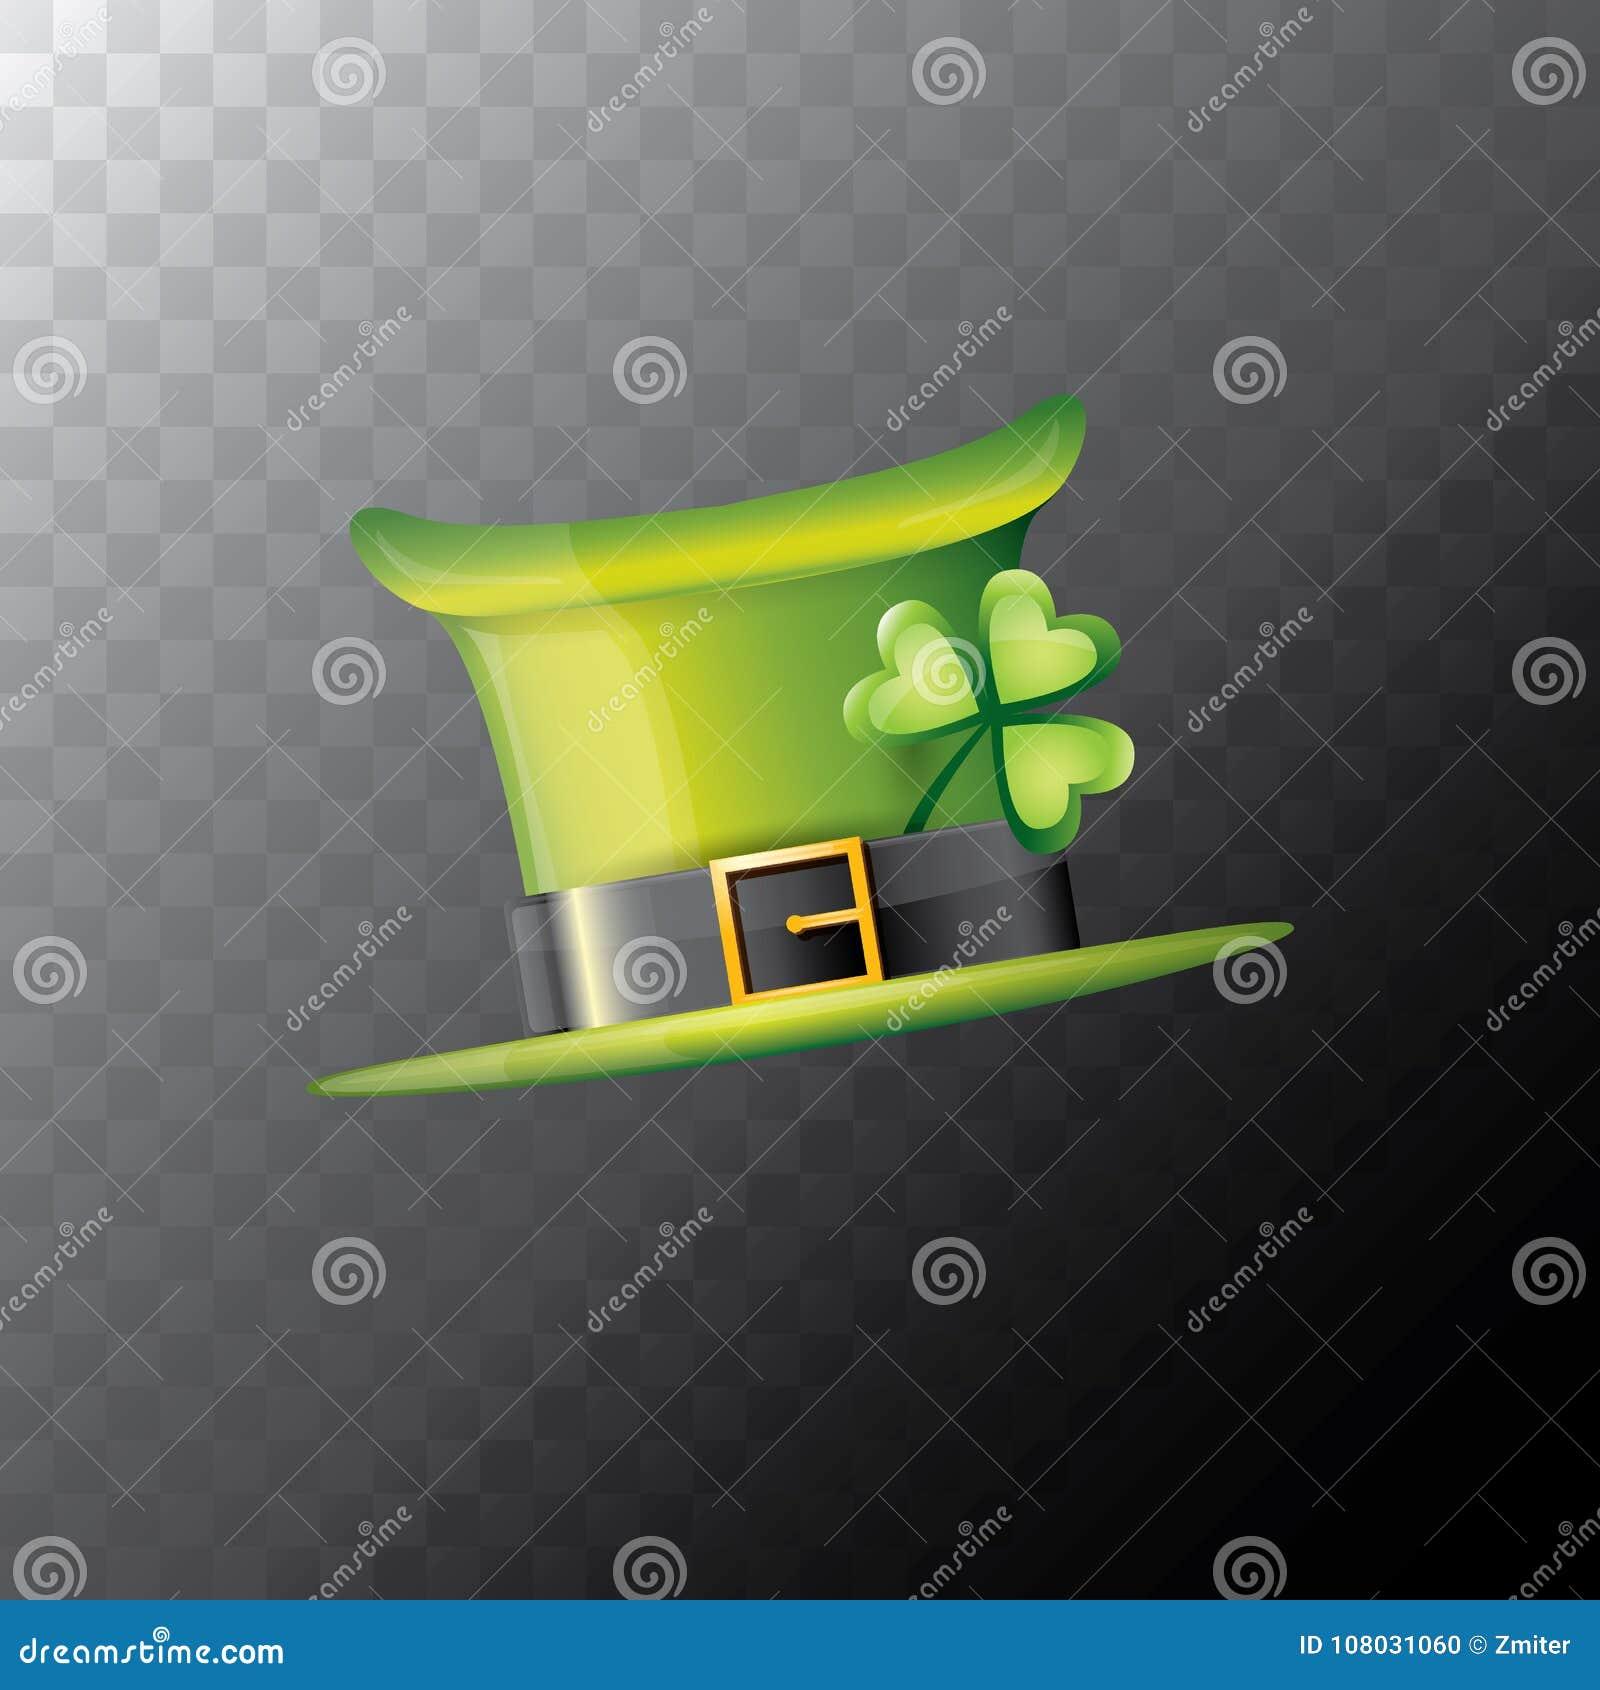 Vector el trébol brillante del sombrero del verde del día de los patricks  del santo aislado en fondo transparente vector el sombrero de la historieta  del ... 771c807c85a